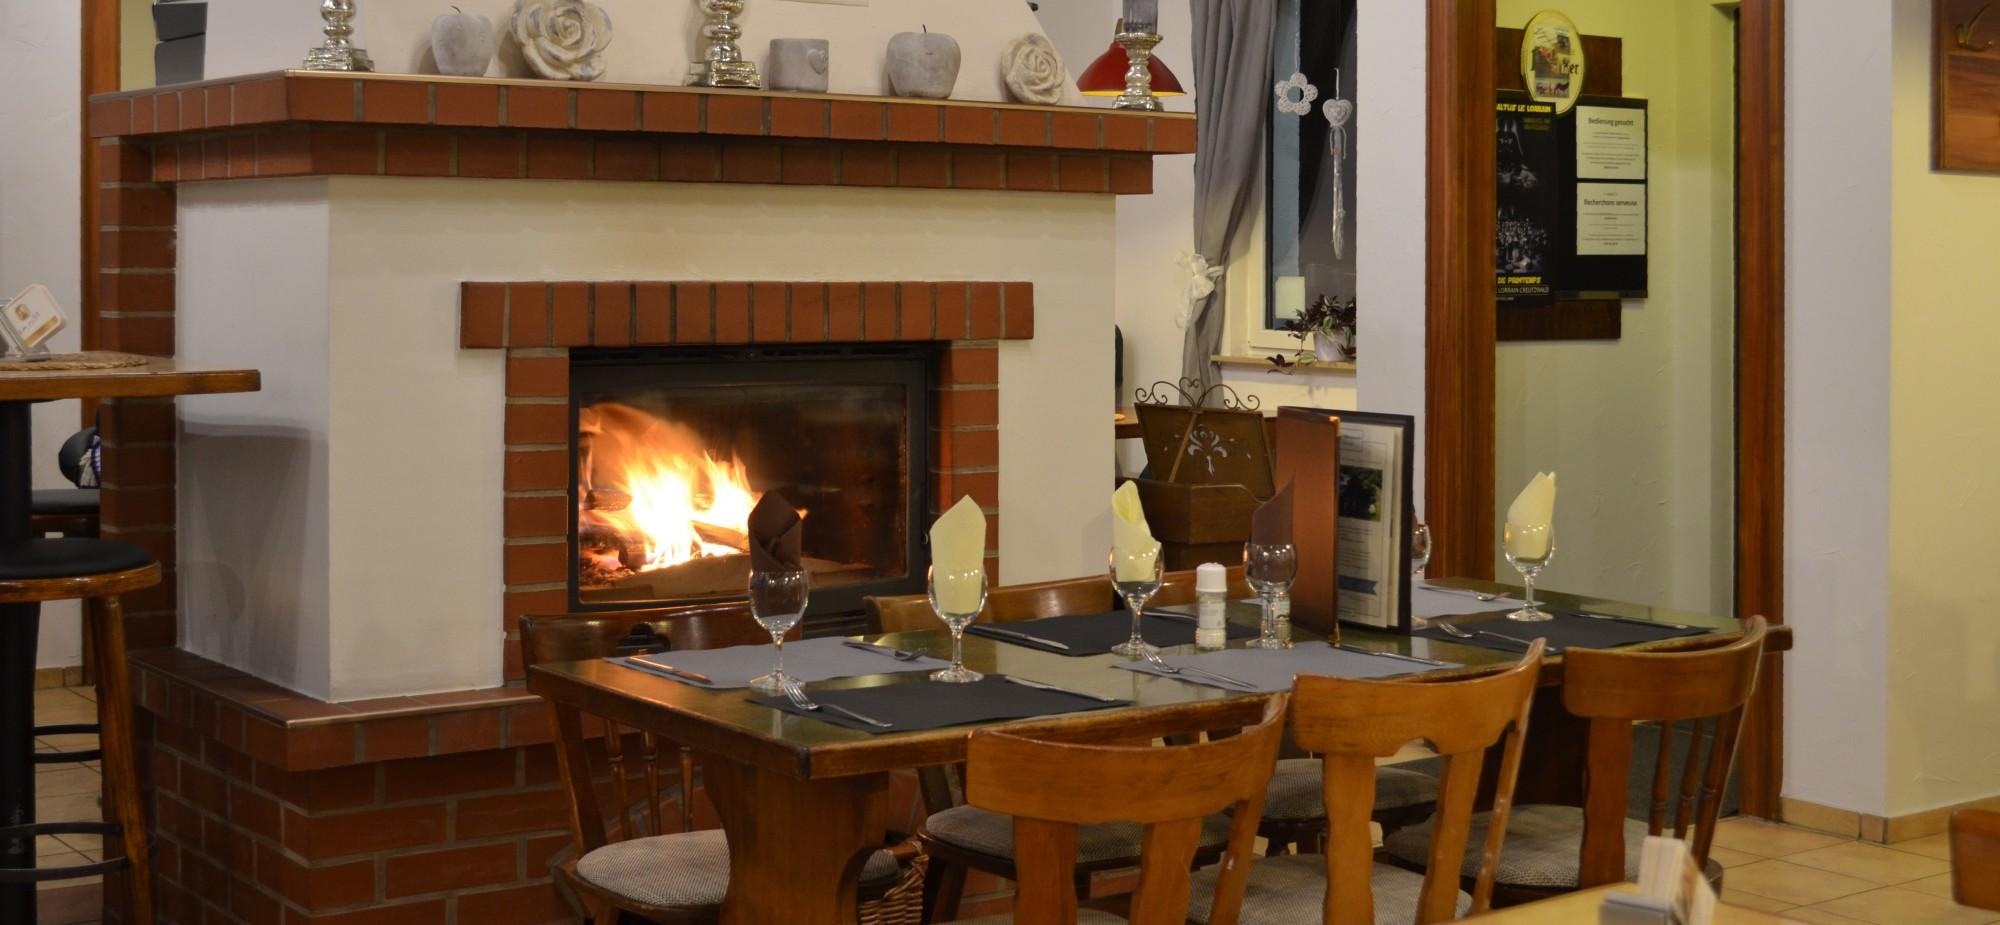 Restaurant-Schmuggelbud-Überherrn-Kamin